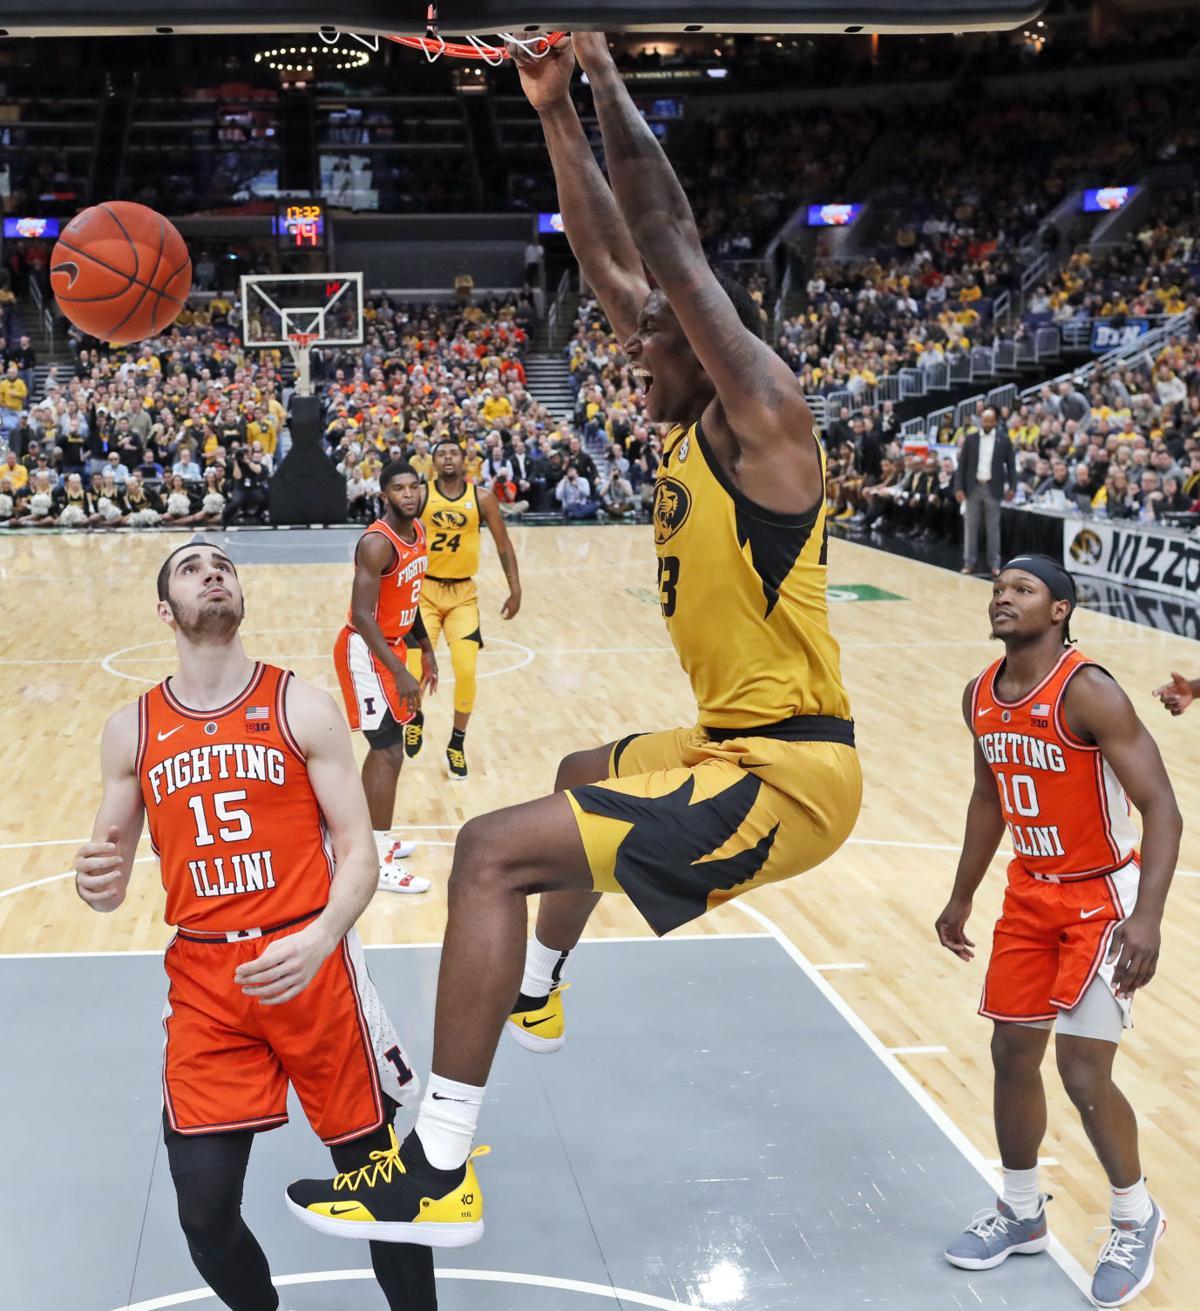 Missouri Illinois Basketball